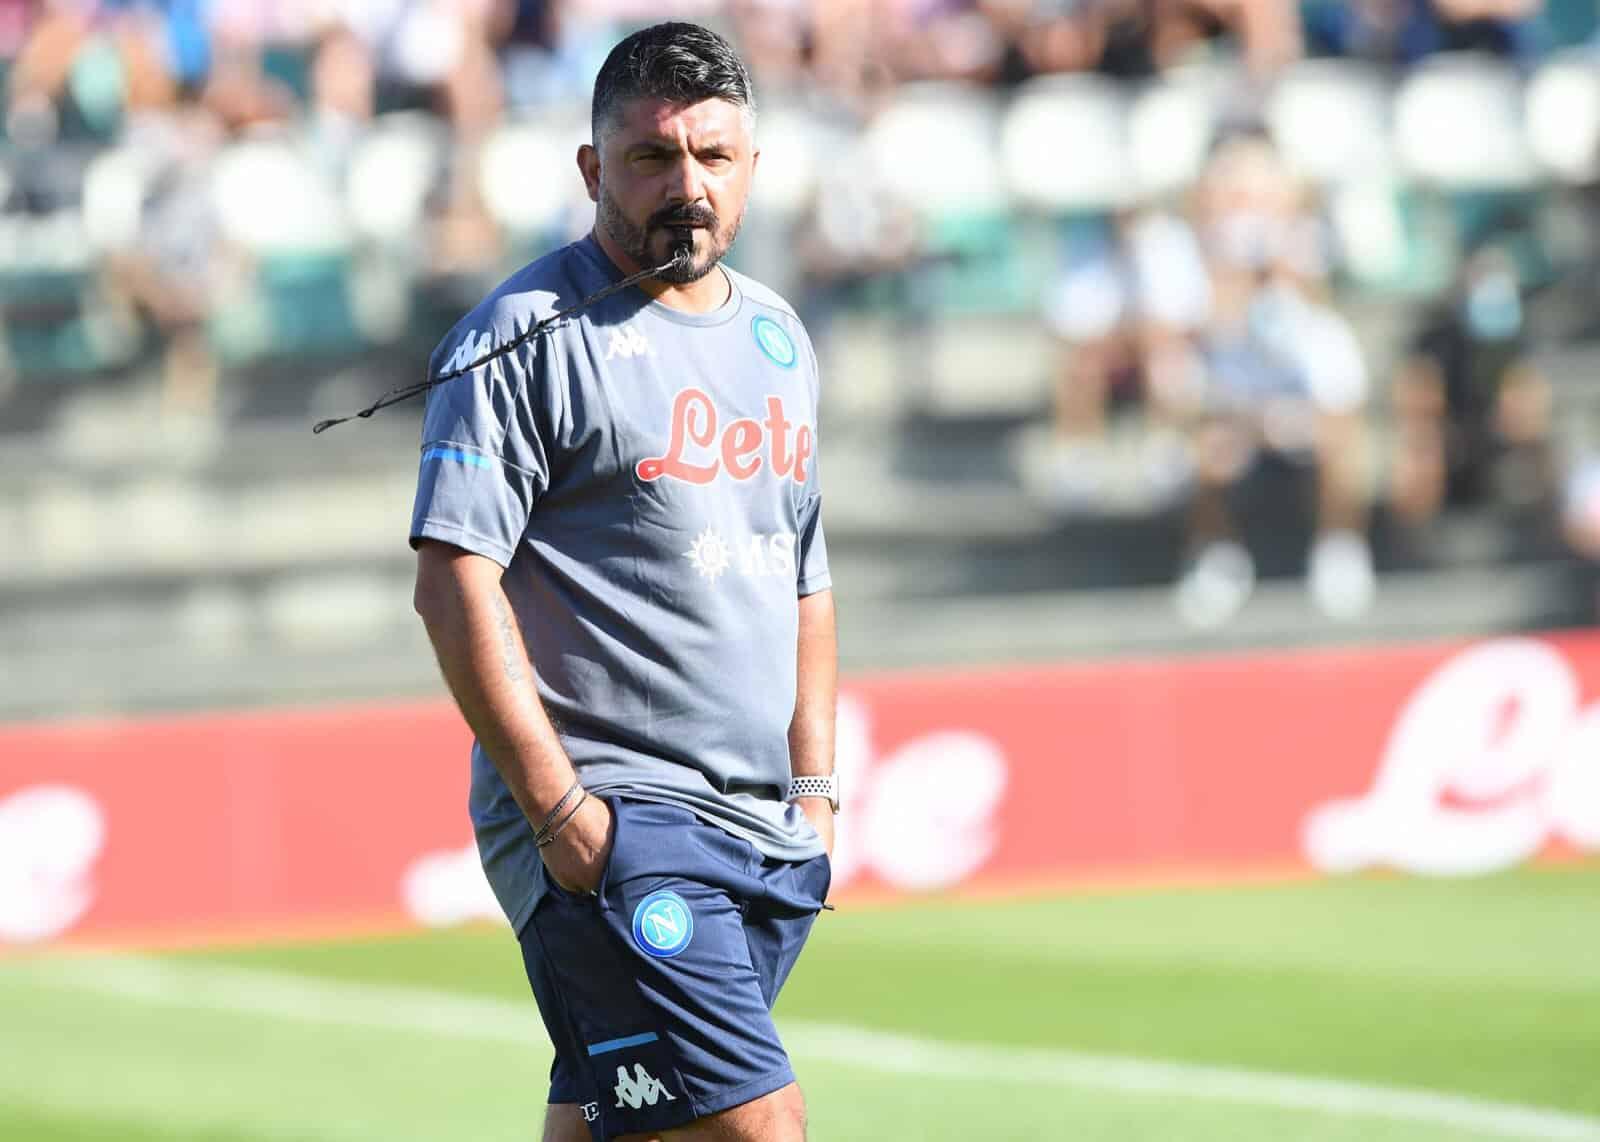 Gattuso incita Lozano. Osimenh ancora in goal